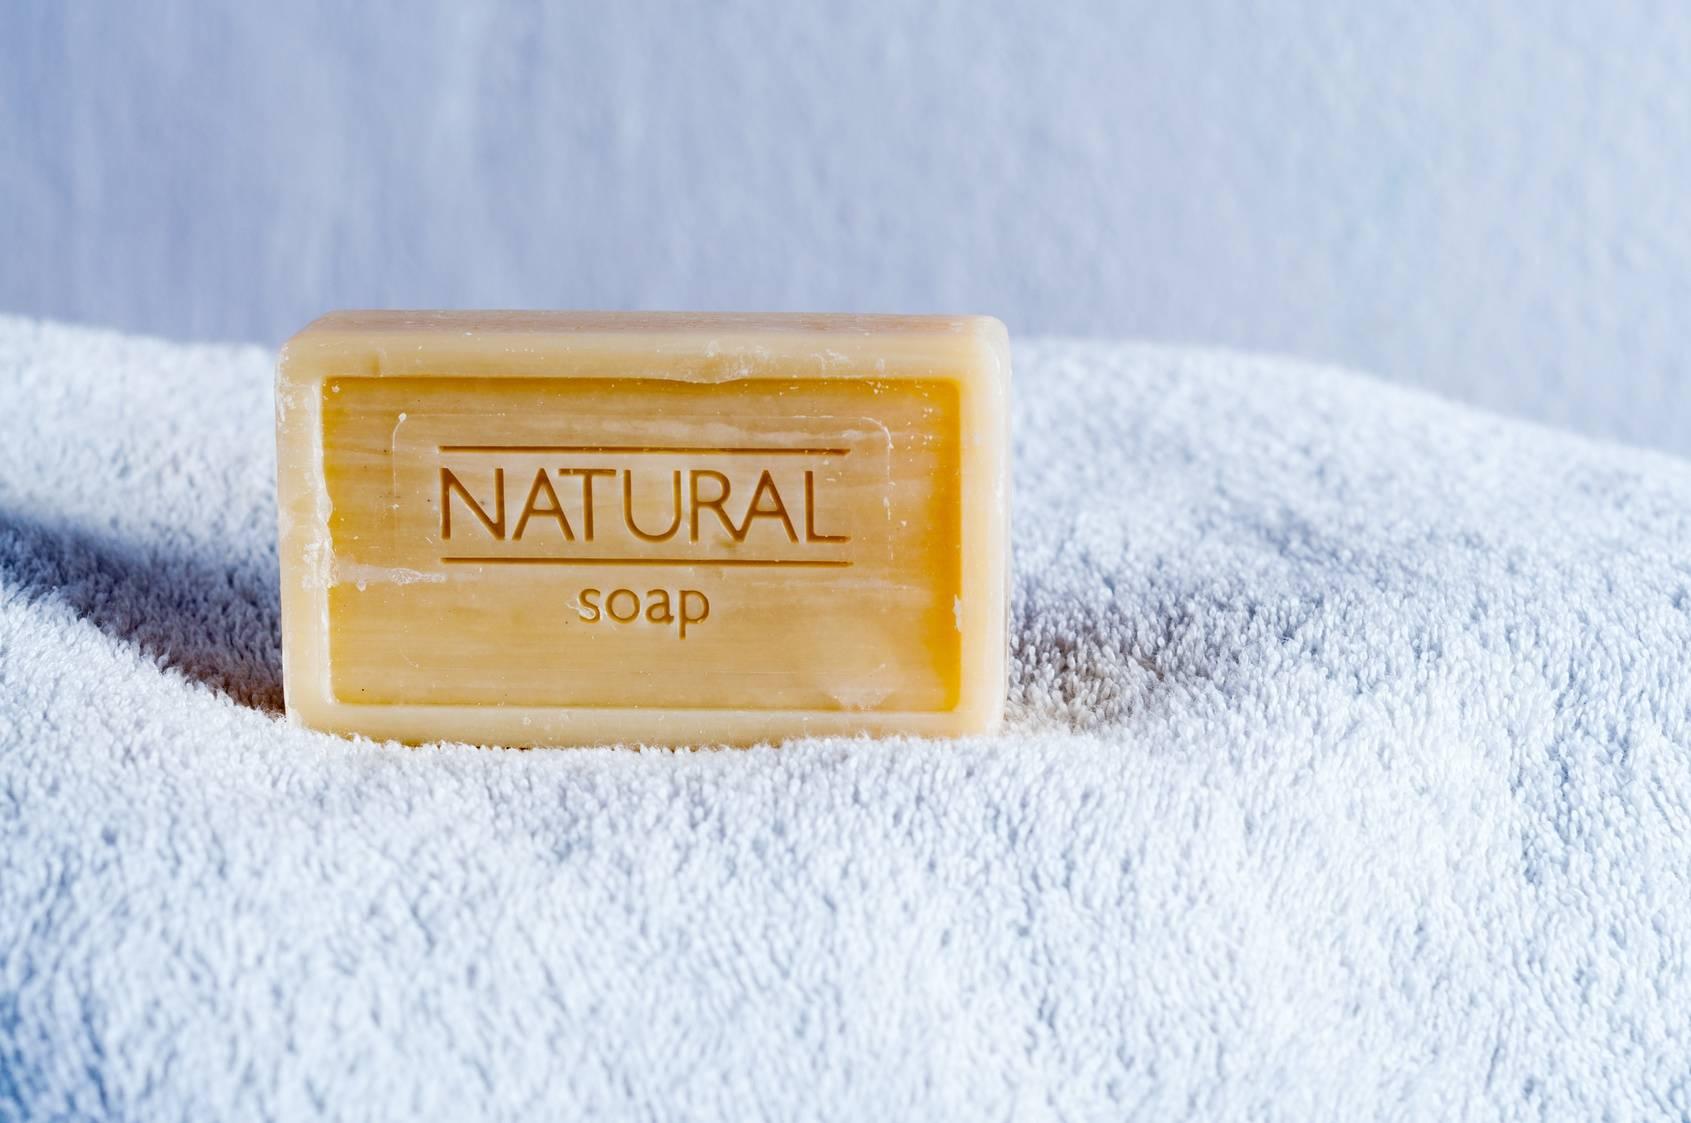 Naturalne mydło.